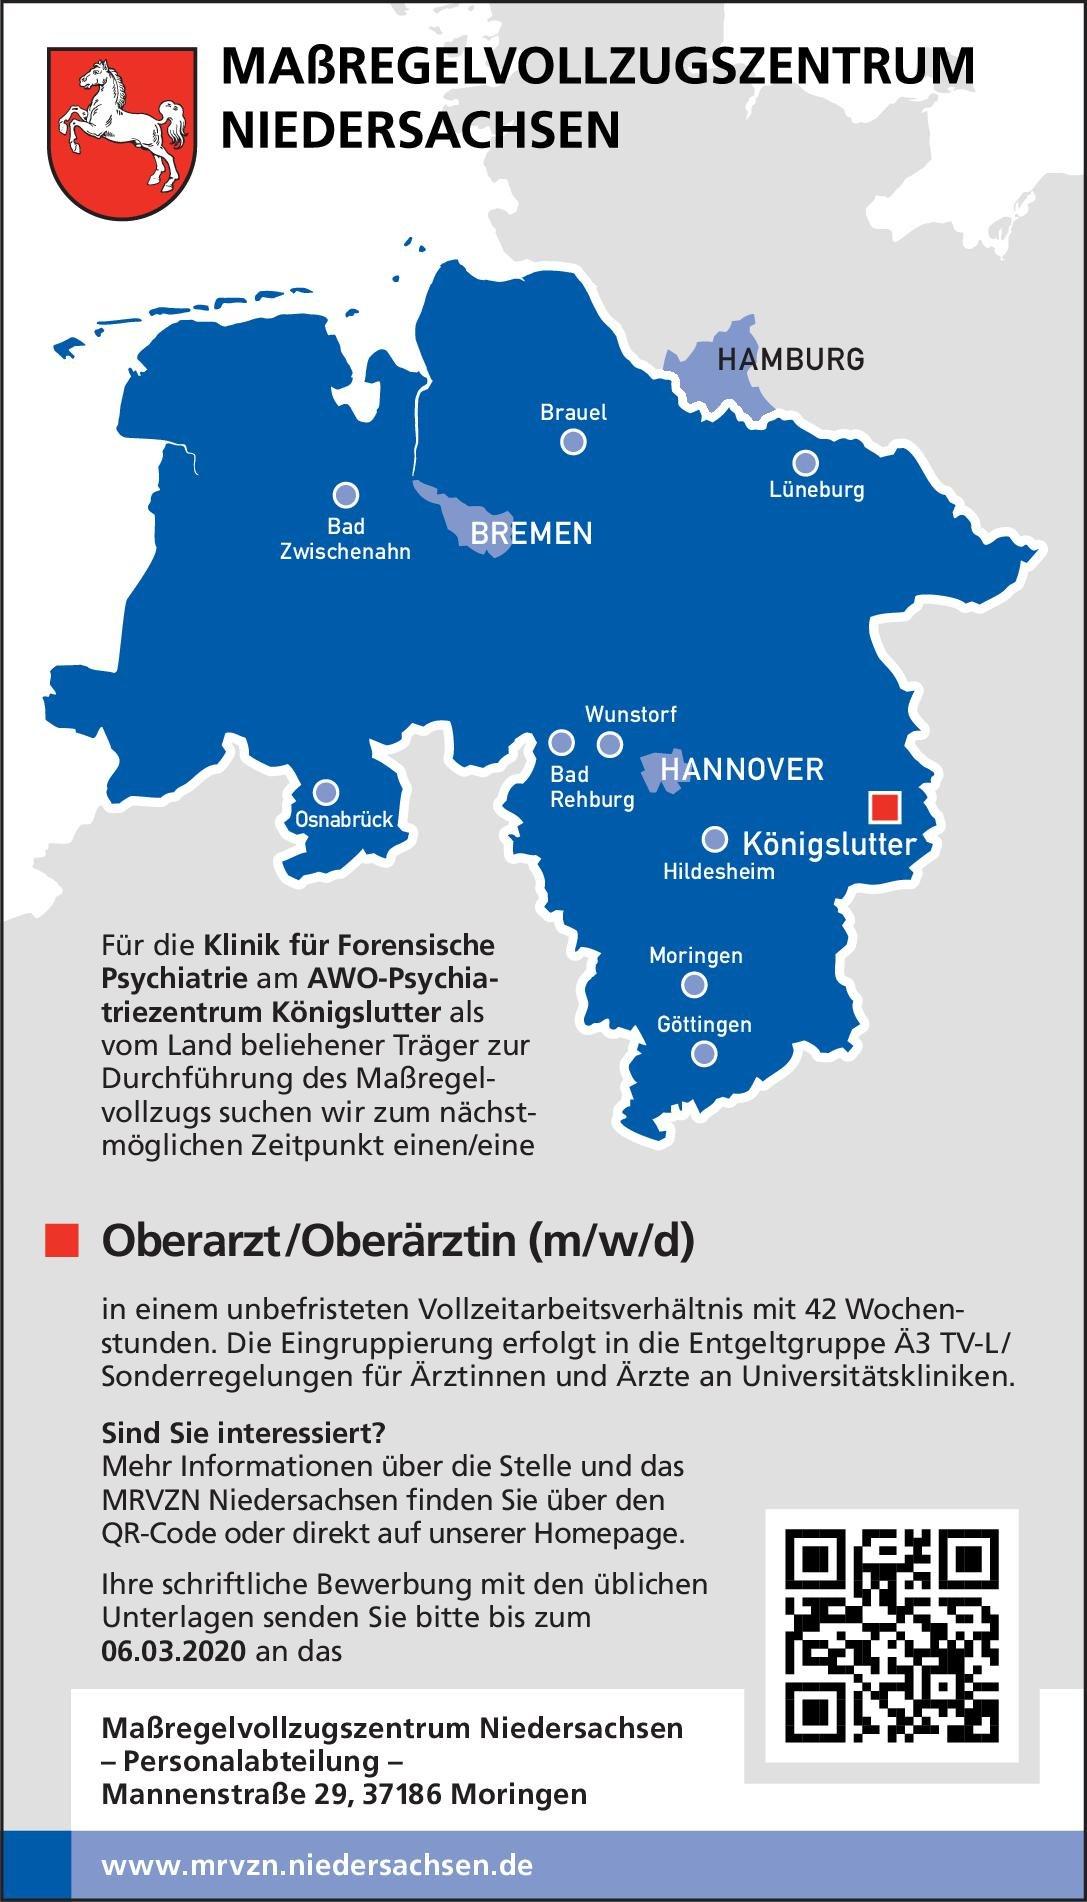 Maßregelvollzugszentrum Niedersachsen - AWO-Psychiatriezentrum Königslutter Oberarzt /Oberärztin (m/w/d) für die Klinik für Forensische Psychiatrie  Forensische Psychiatrie, Psychiatrie und Psychotherapie Oberarzt